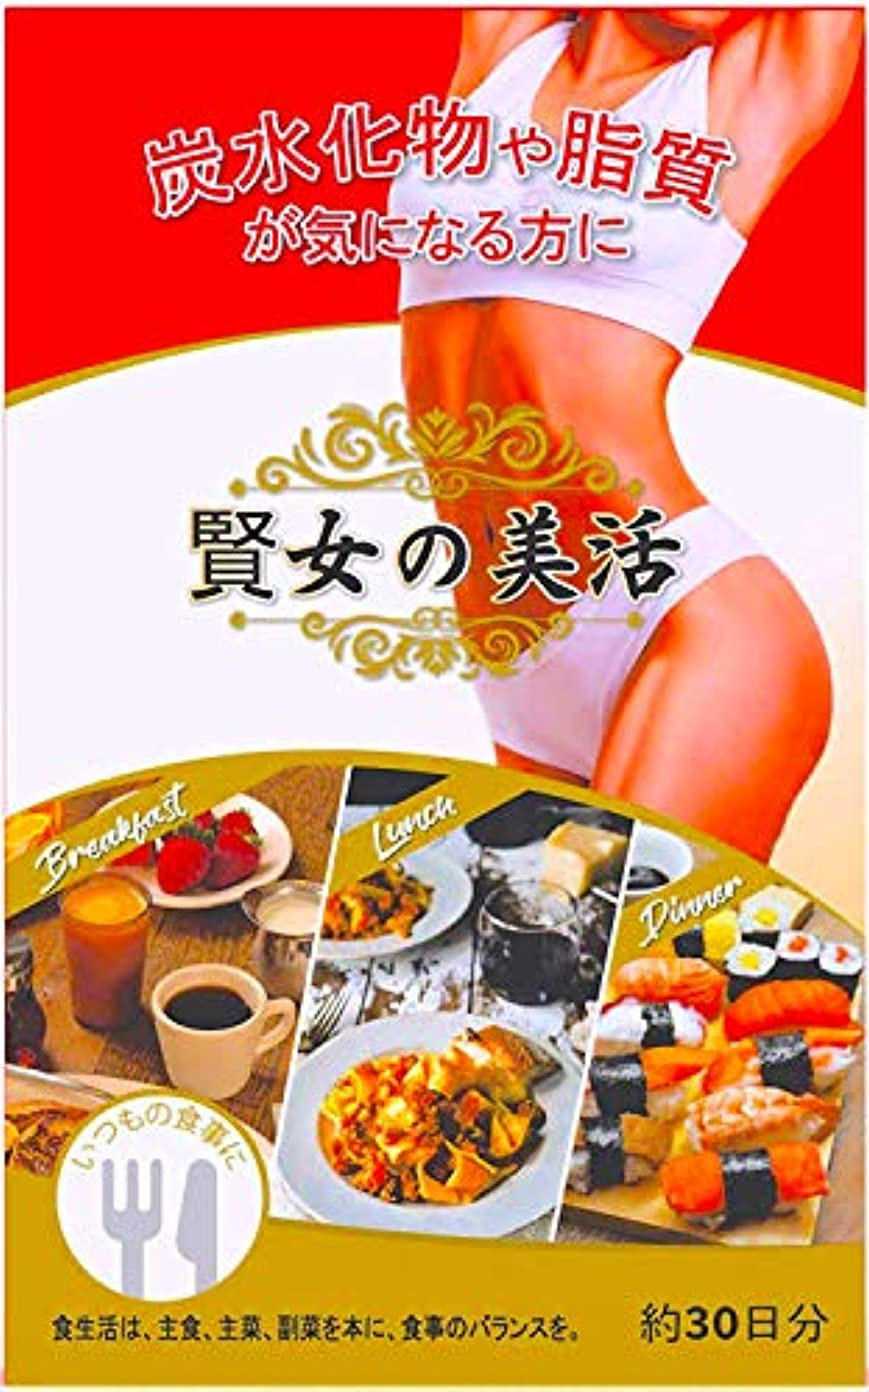 サーカス因子一生【賢女の美活】 ダイエットサプリ カット系 サラシア ギミネマ 厳選素材 30日分